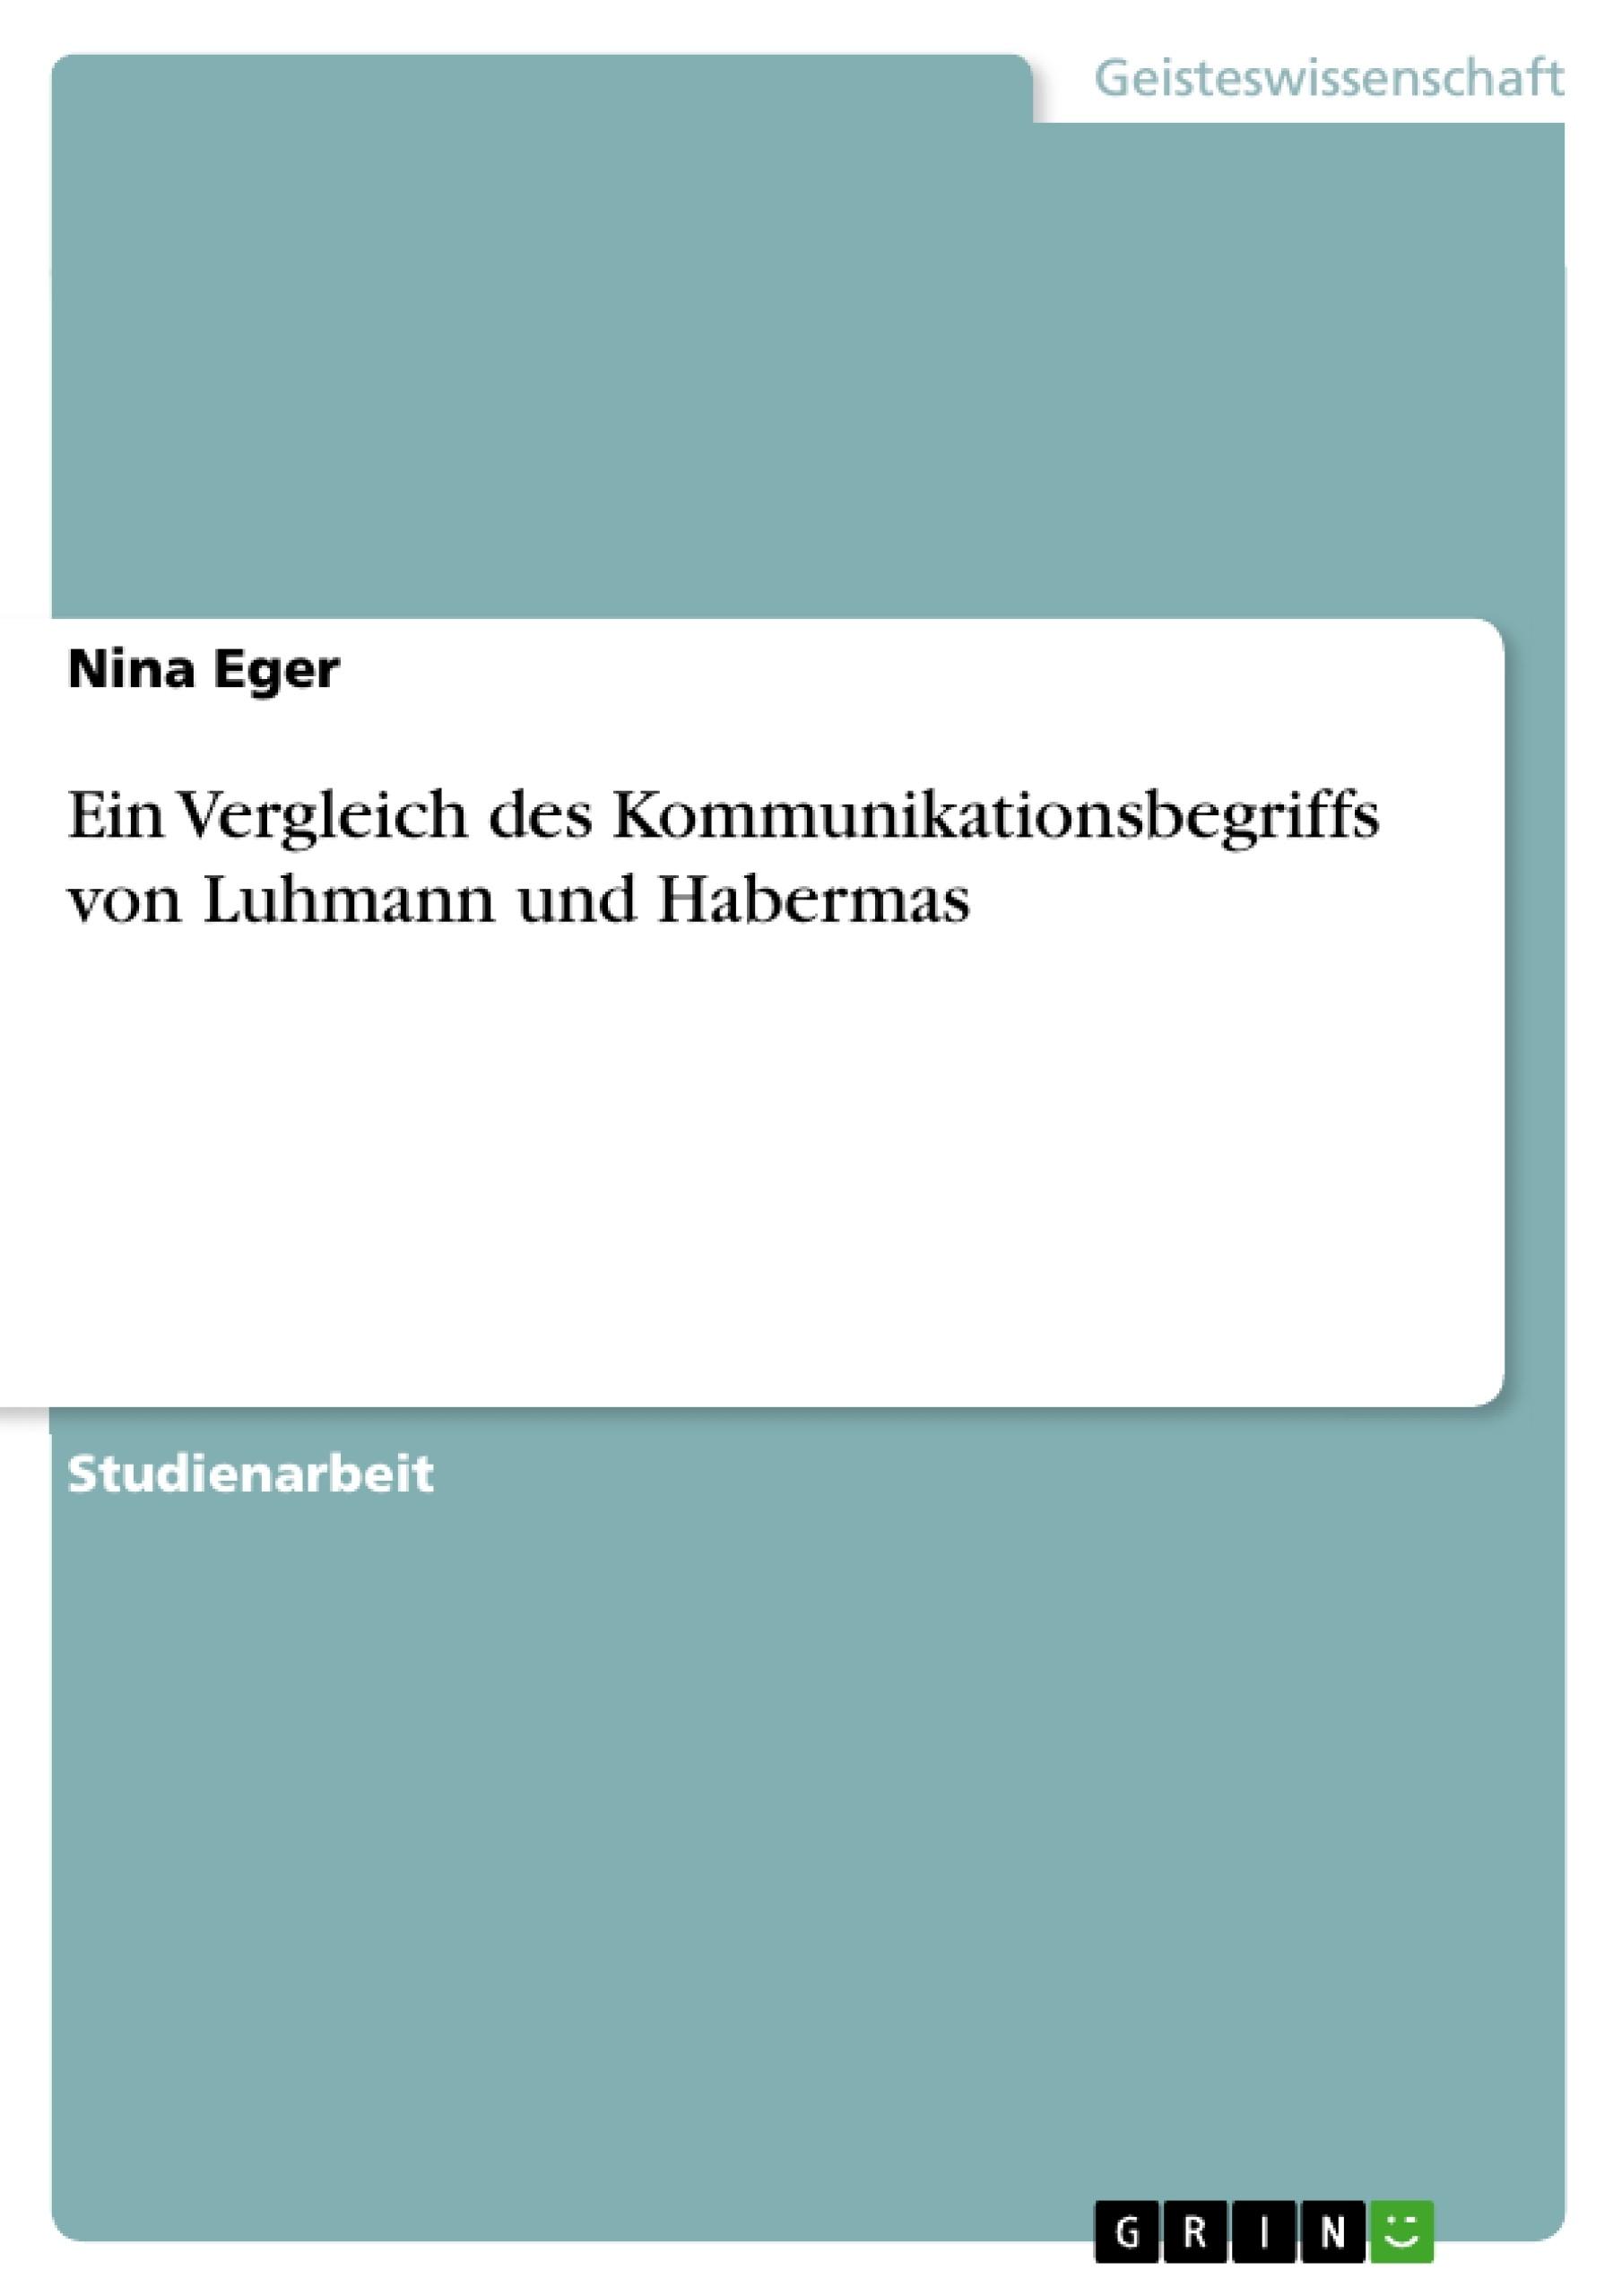 Titel: Ein Vergleich des Kommunikationsbegriffs von Luhmann und Habermas